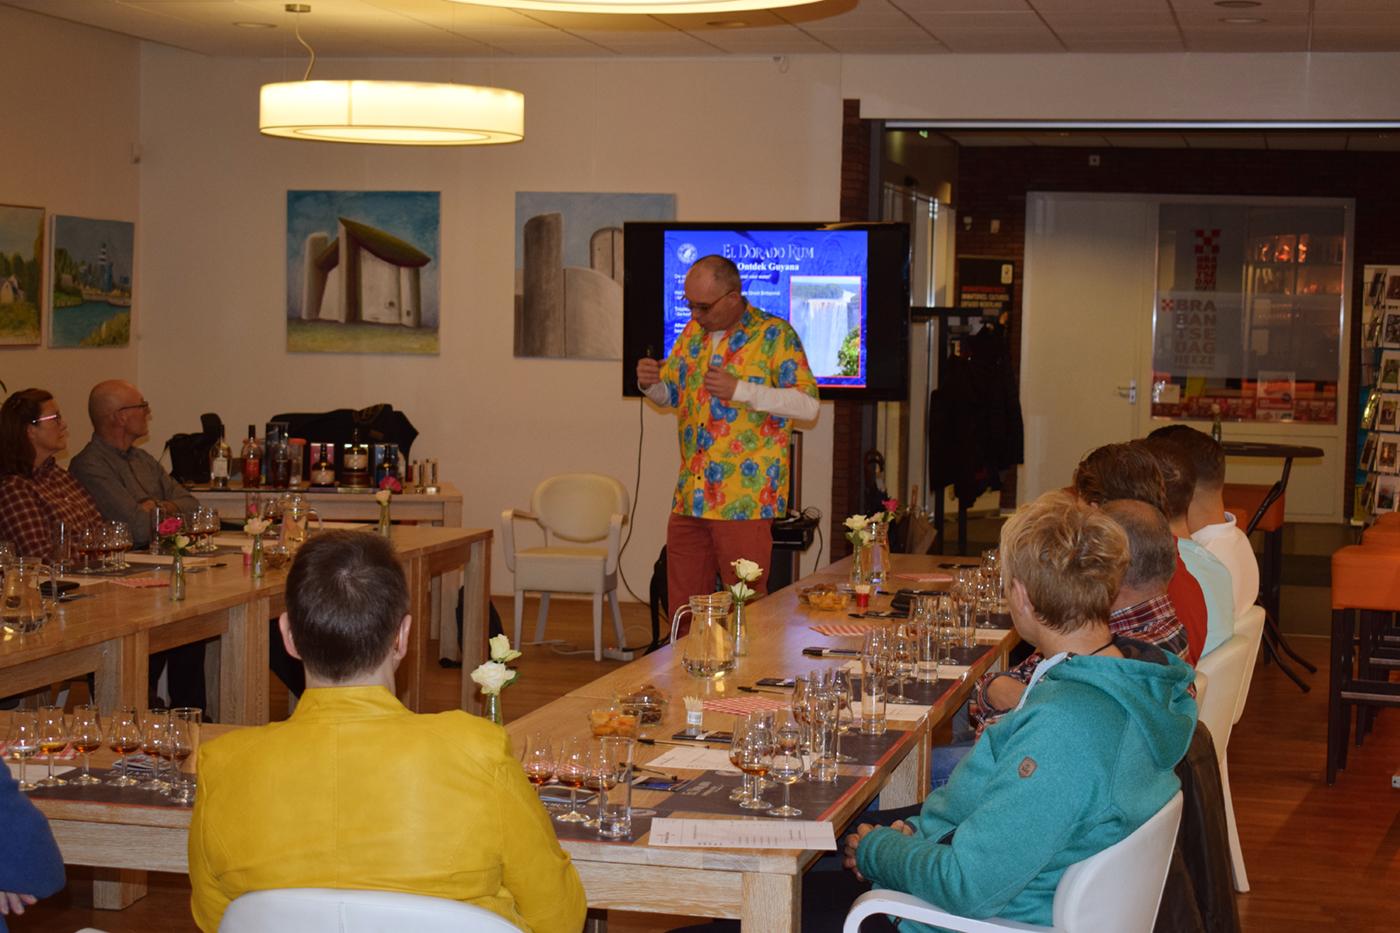 Ronald Anneveldt verteld in Heeze over de unieke rum van El Dorado uit Guyana